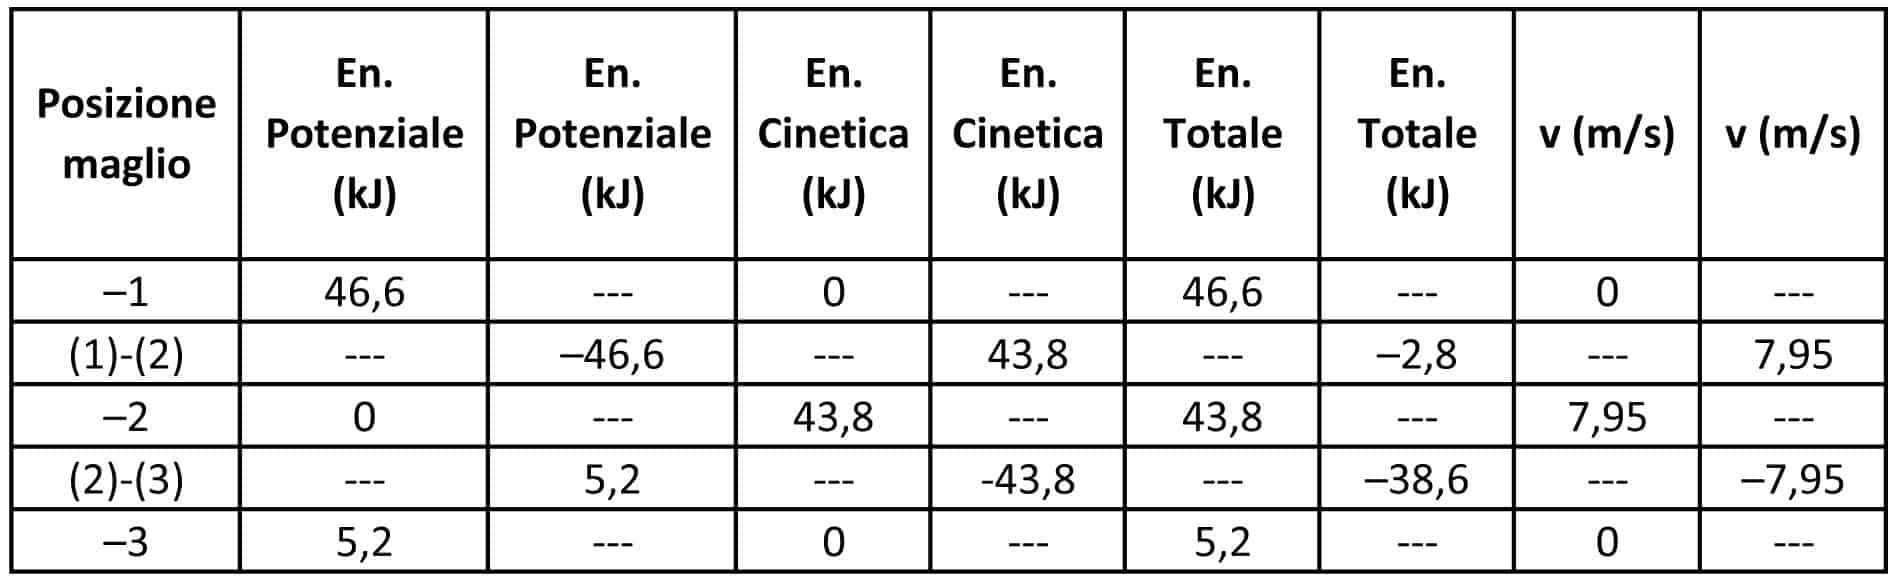 Lo schema energetico riassuntivo relativo al sistema impattante nel Test B